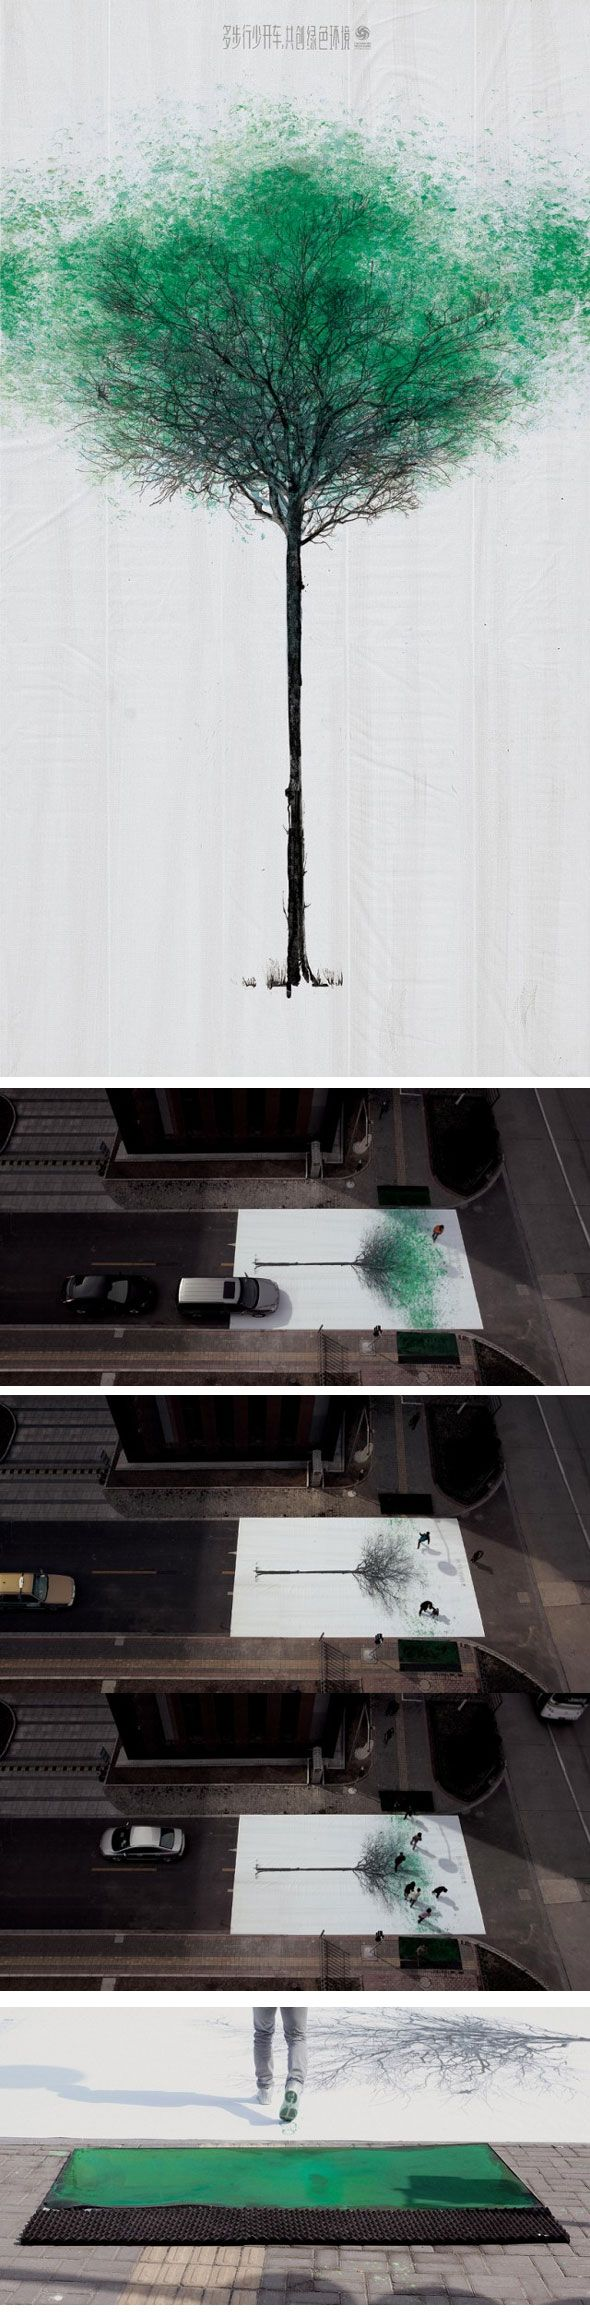 Jody Xiong de DDB China réalise, avec China Environmental Protection Foundation, d'énormes toiles avec un motif d'arbre et les disposent sur 132 passages cloutés dans 15 villes chinoises. Ils placent devant chaque passage piéton un espace rempli de peinture verte. Les gens, marchent dessus, laissent des empreintes sur la toile. Ce sera le feuillage de l'arbre. Pour chaque pas fait, une plante sauvée…